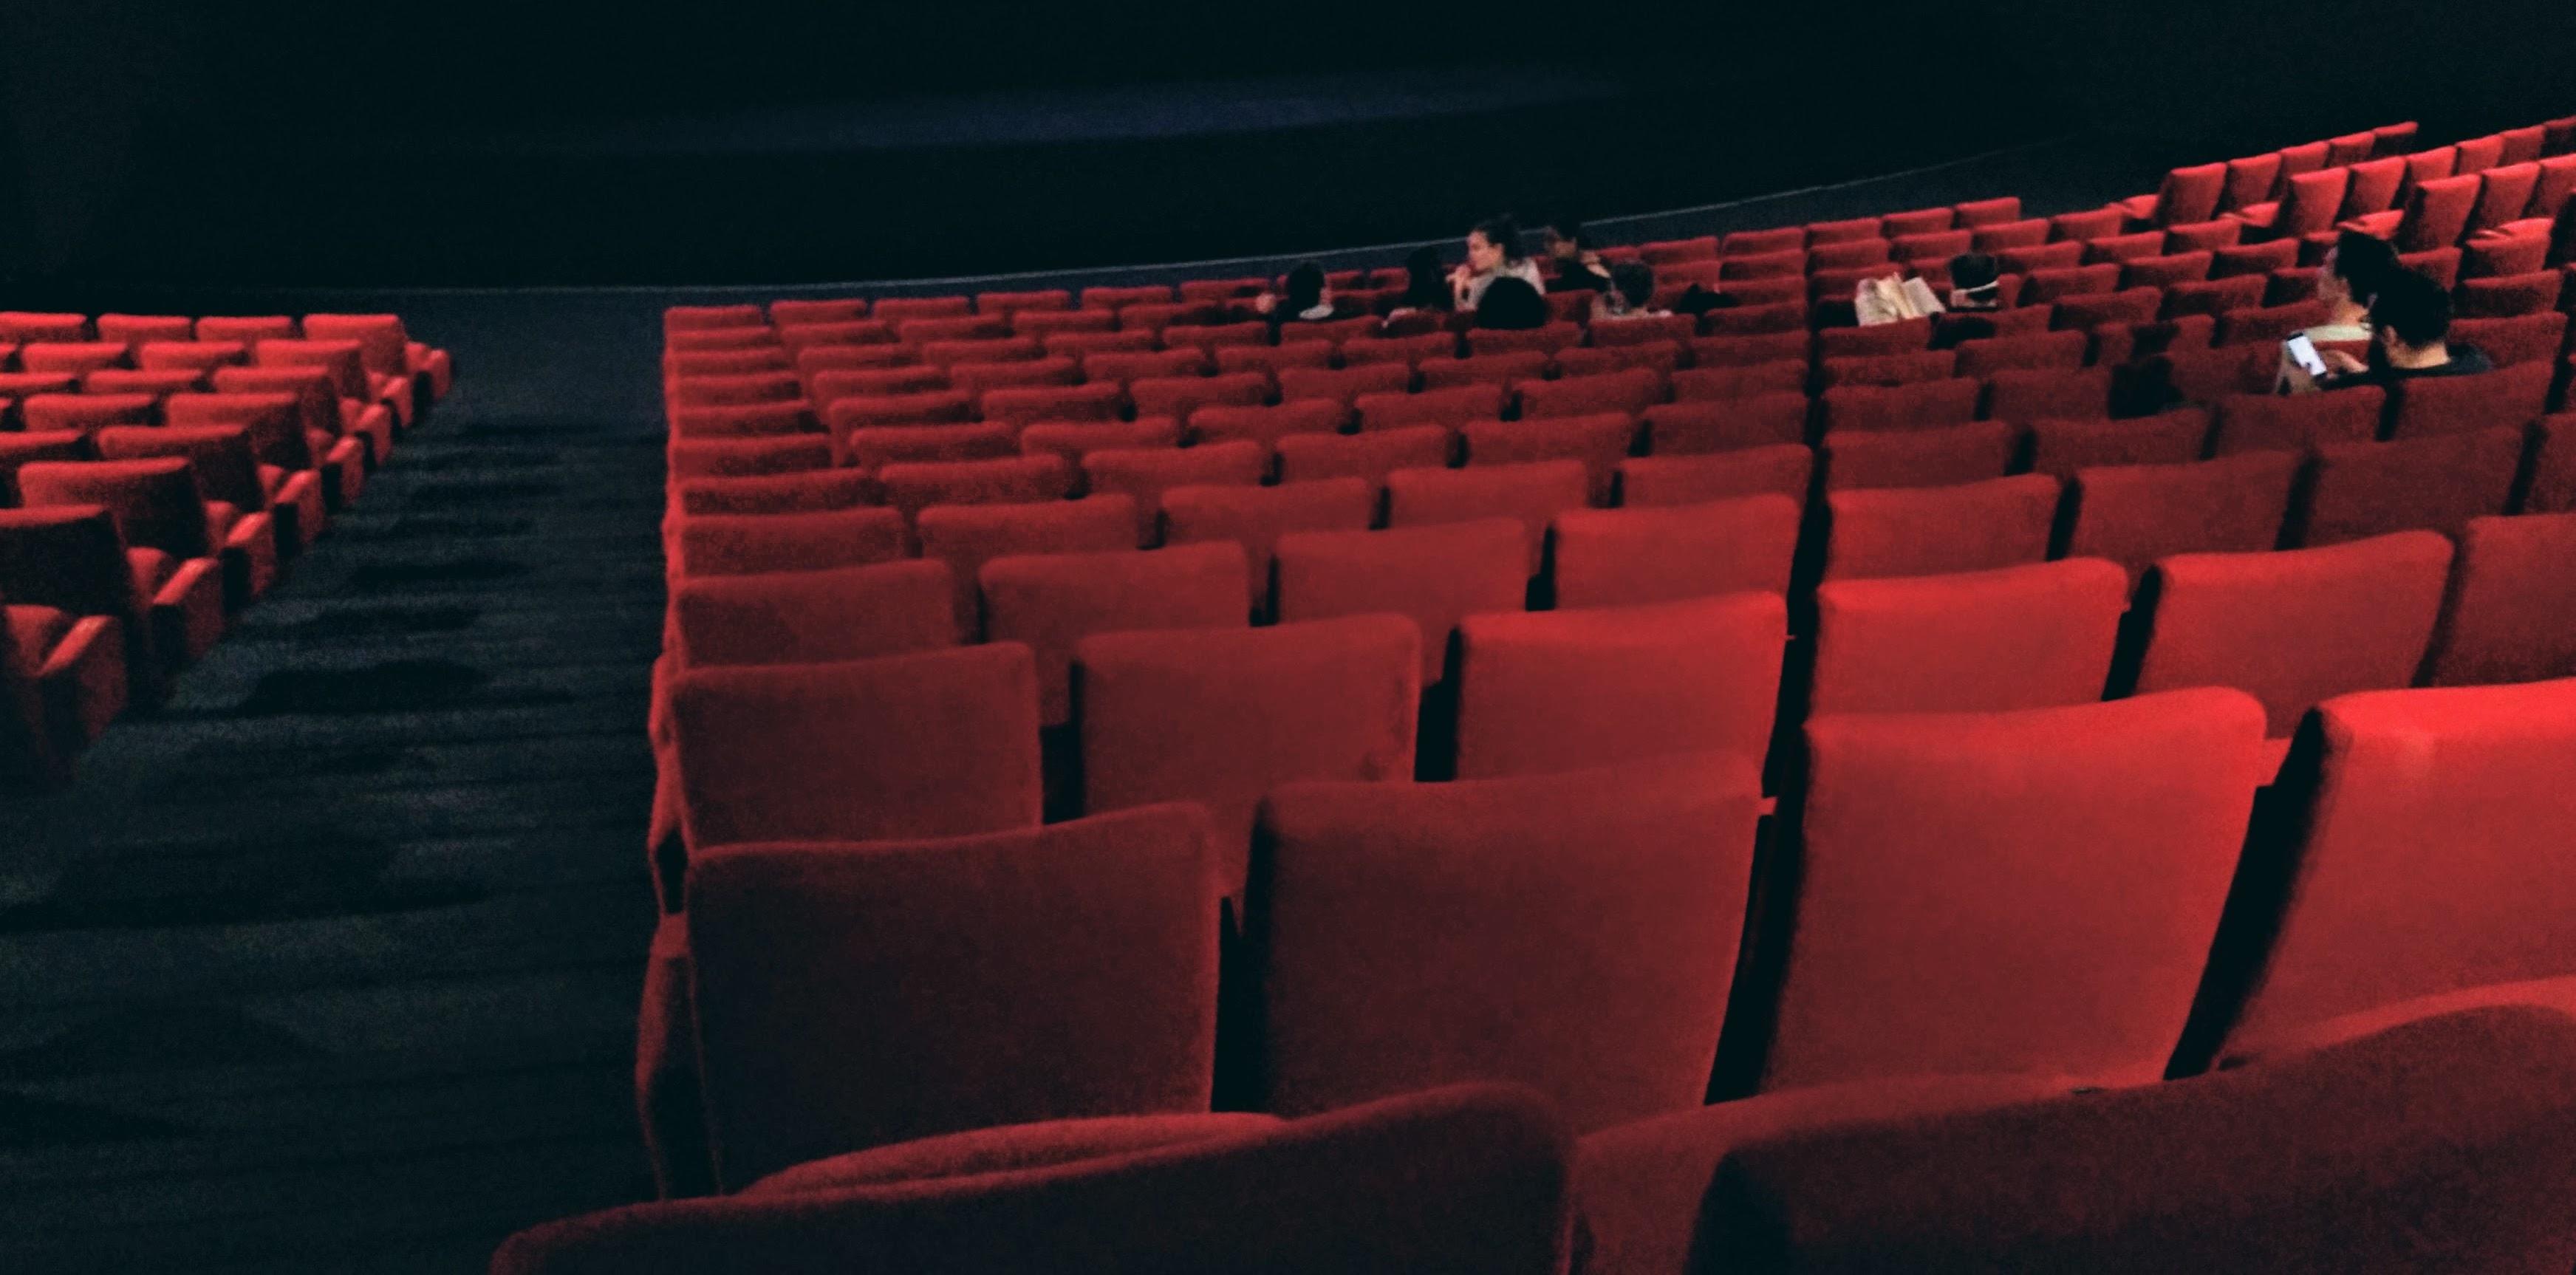 Cinémas : chronique d'une reprise espérée